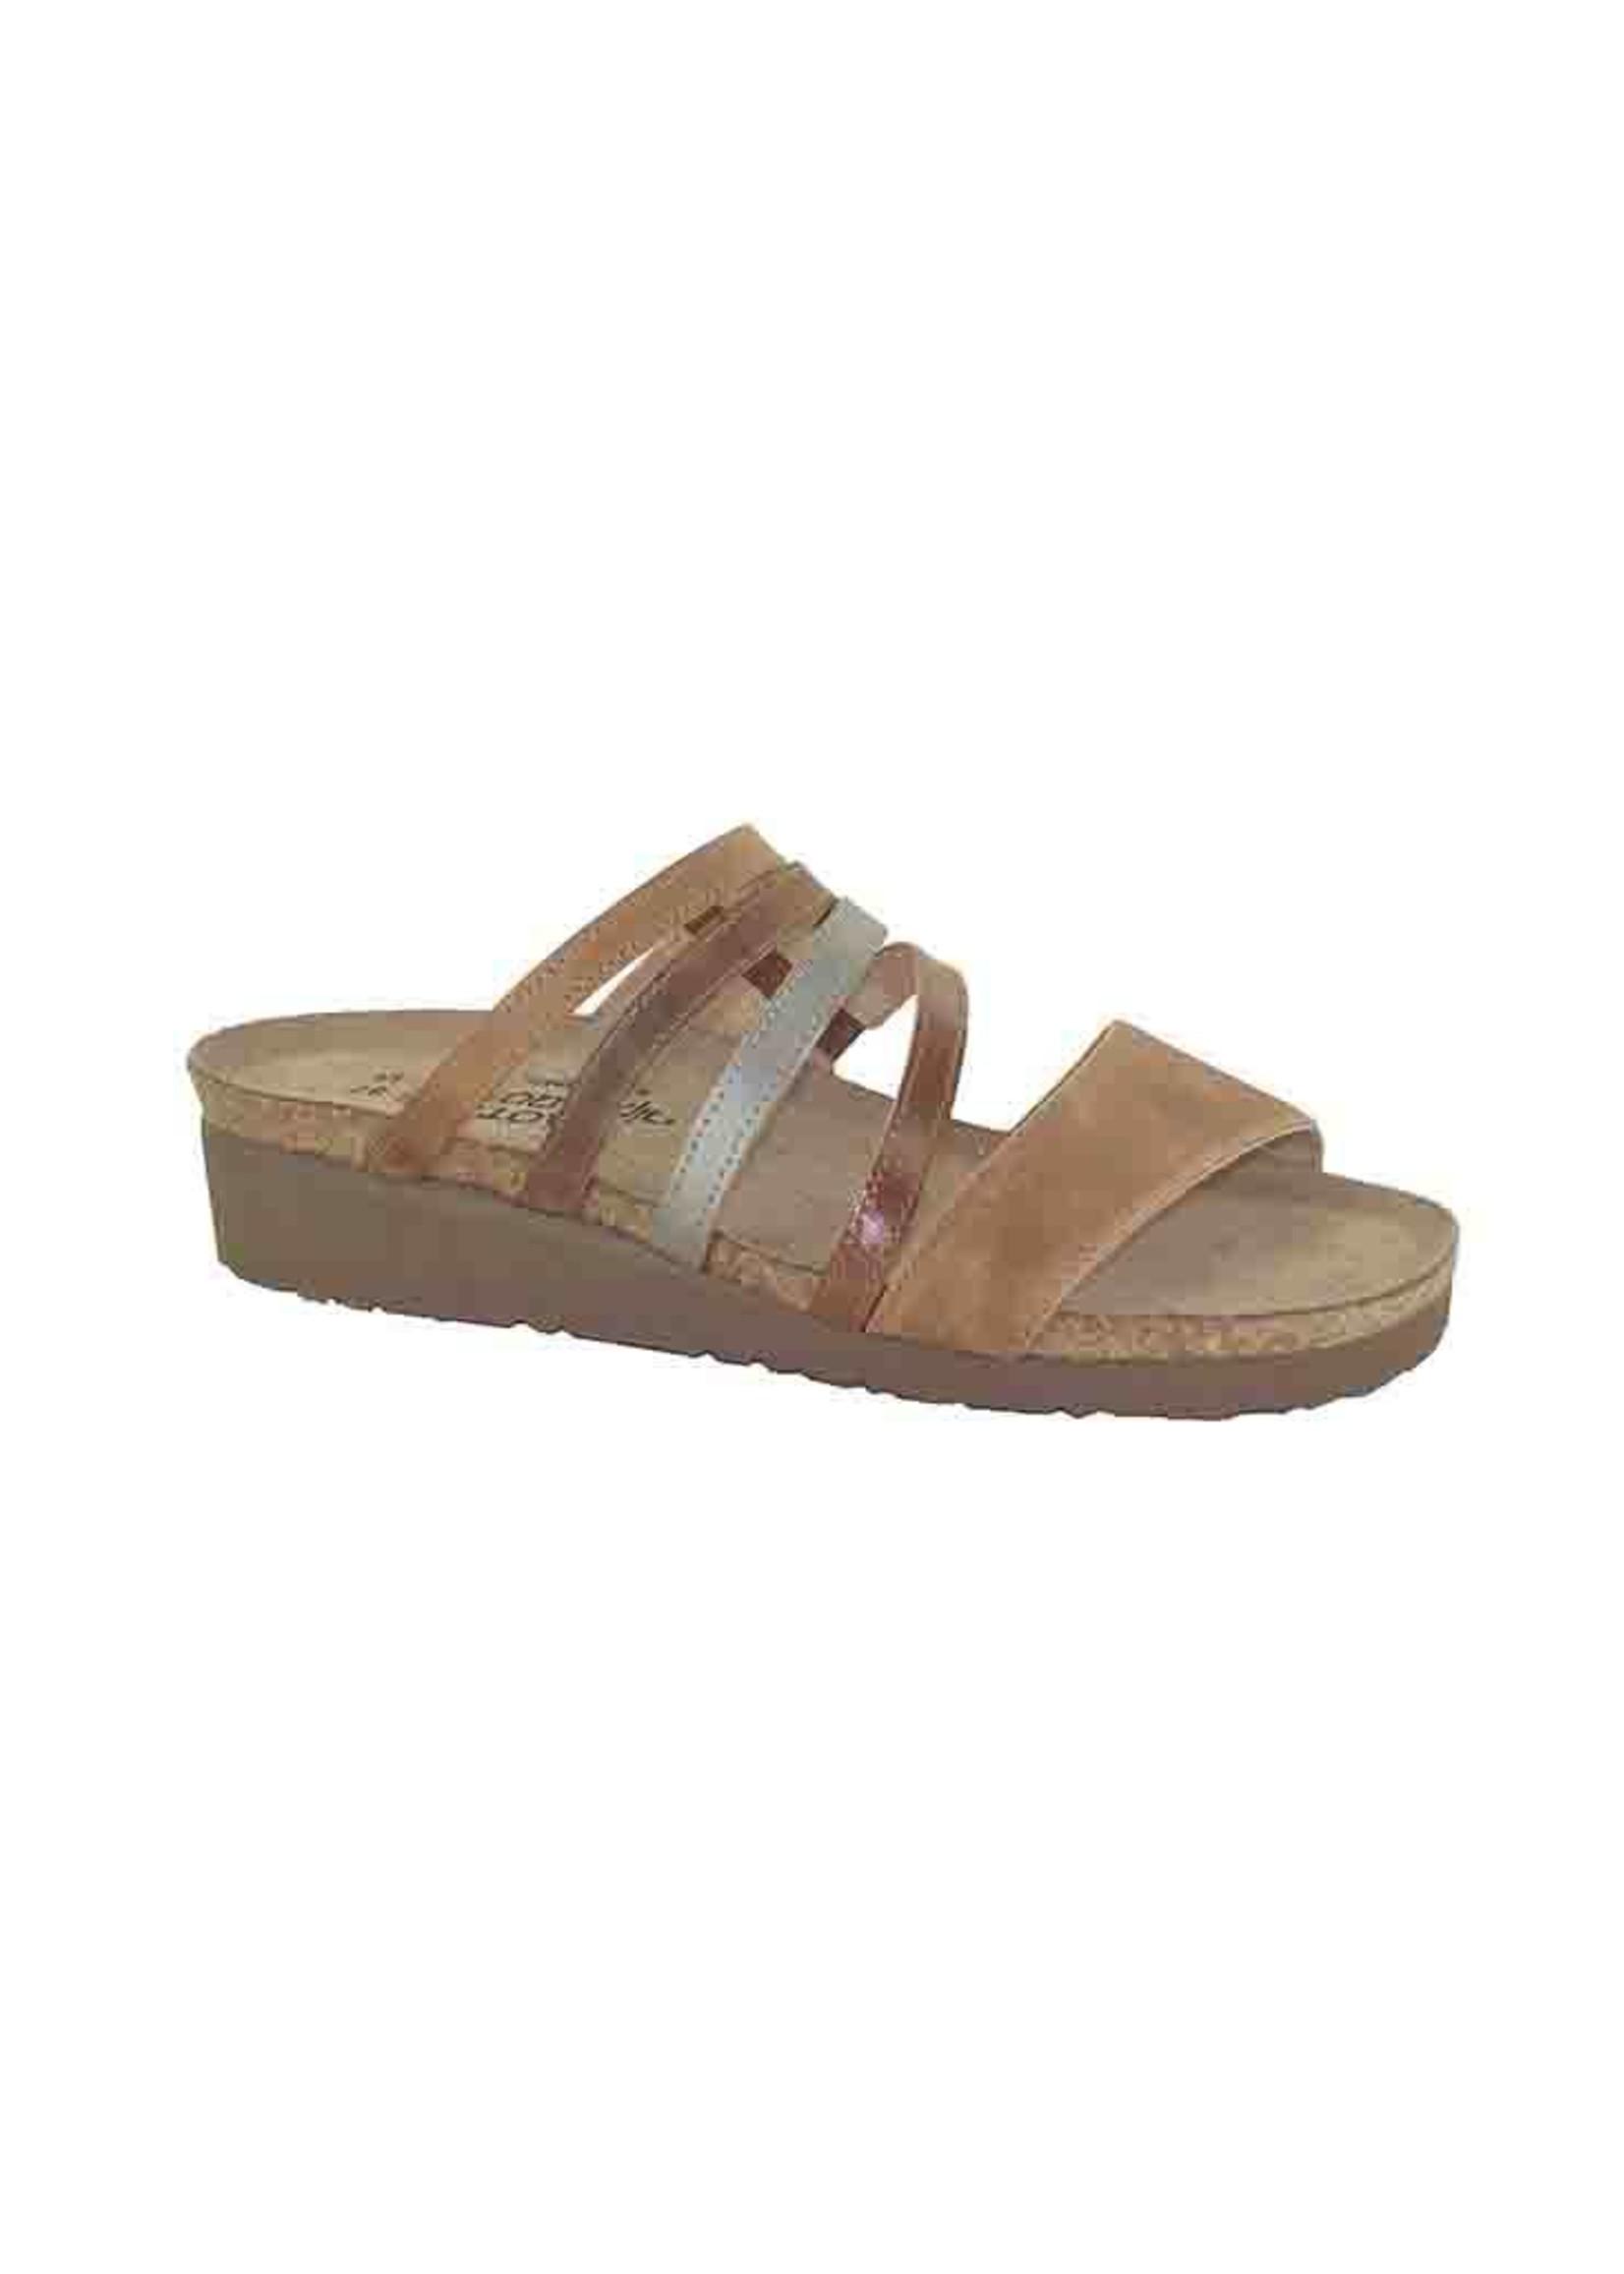 Naot Footwear Peyton in Latte Combo